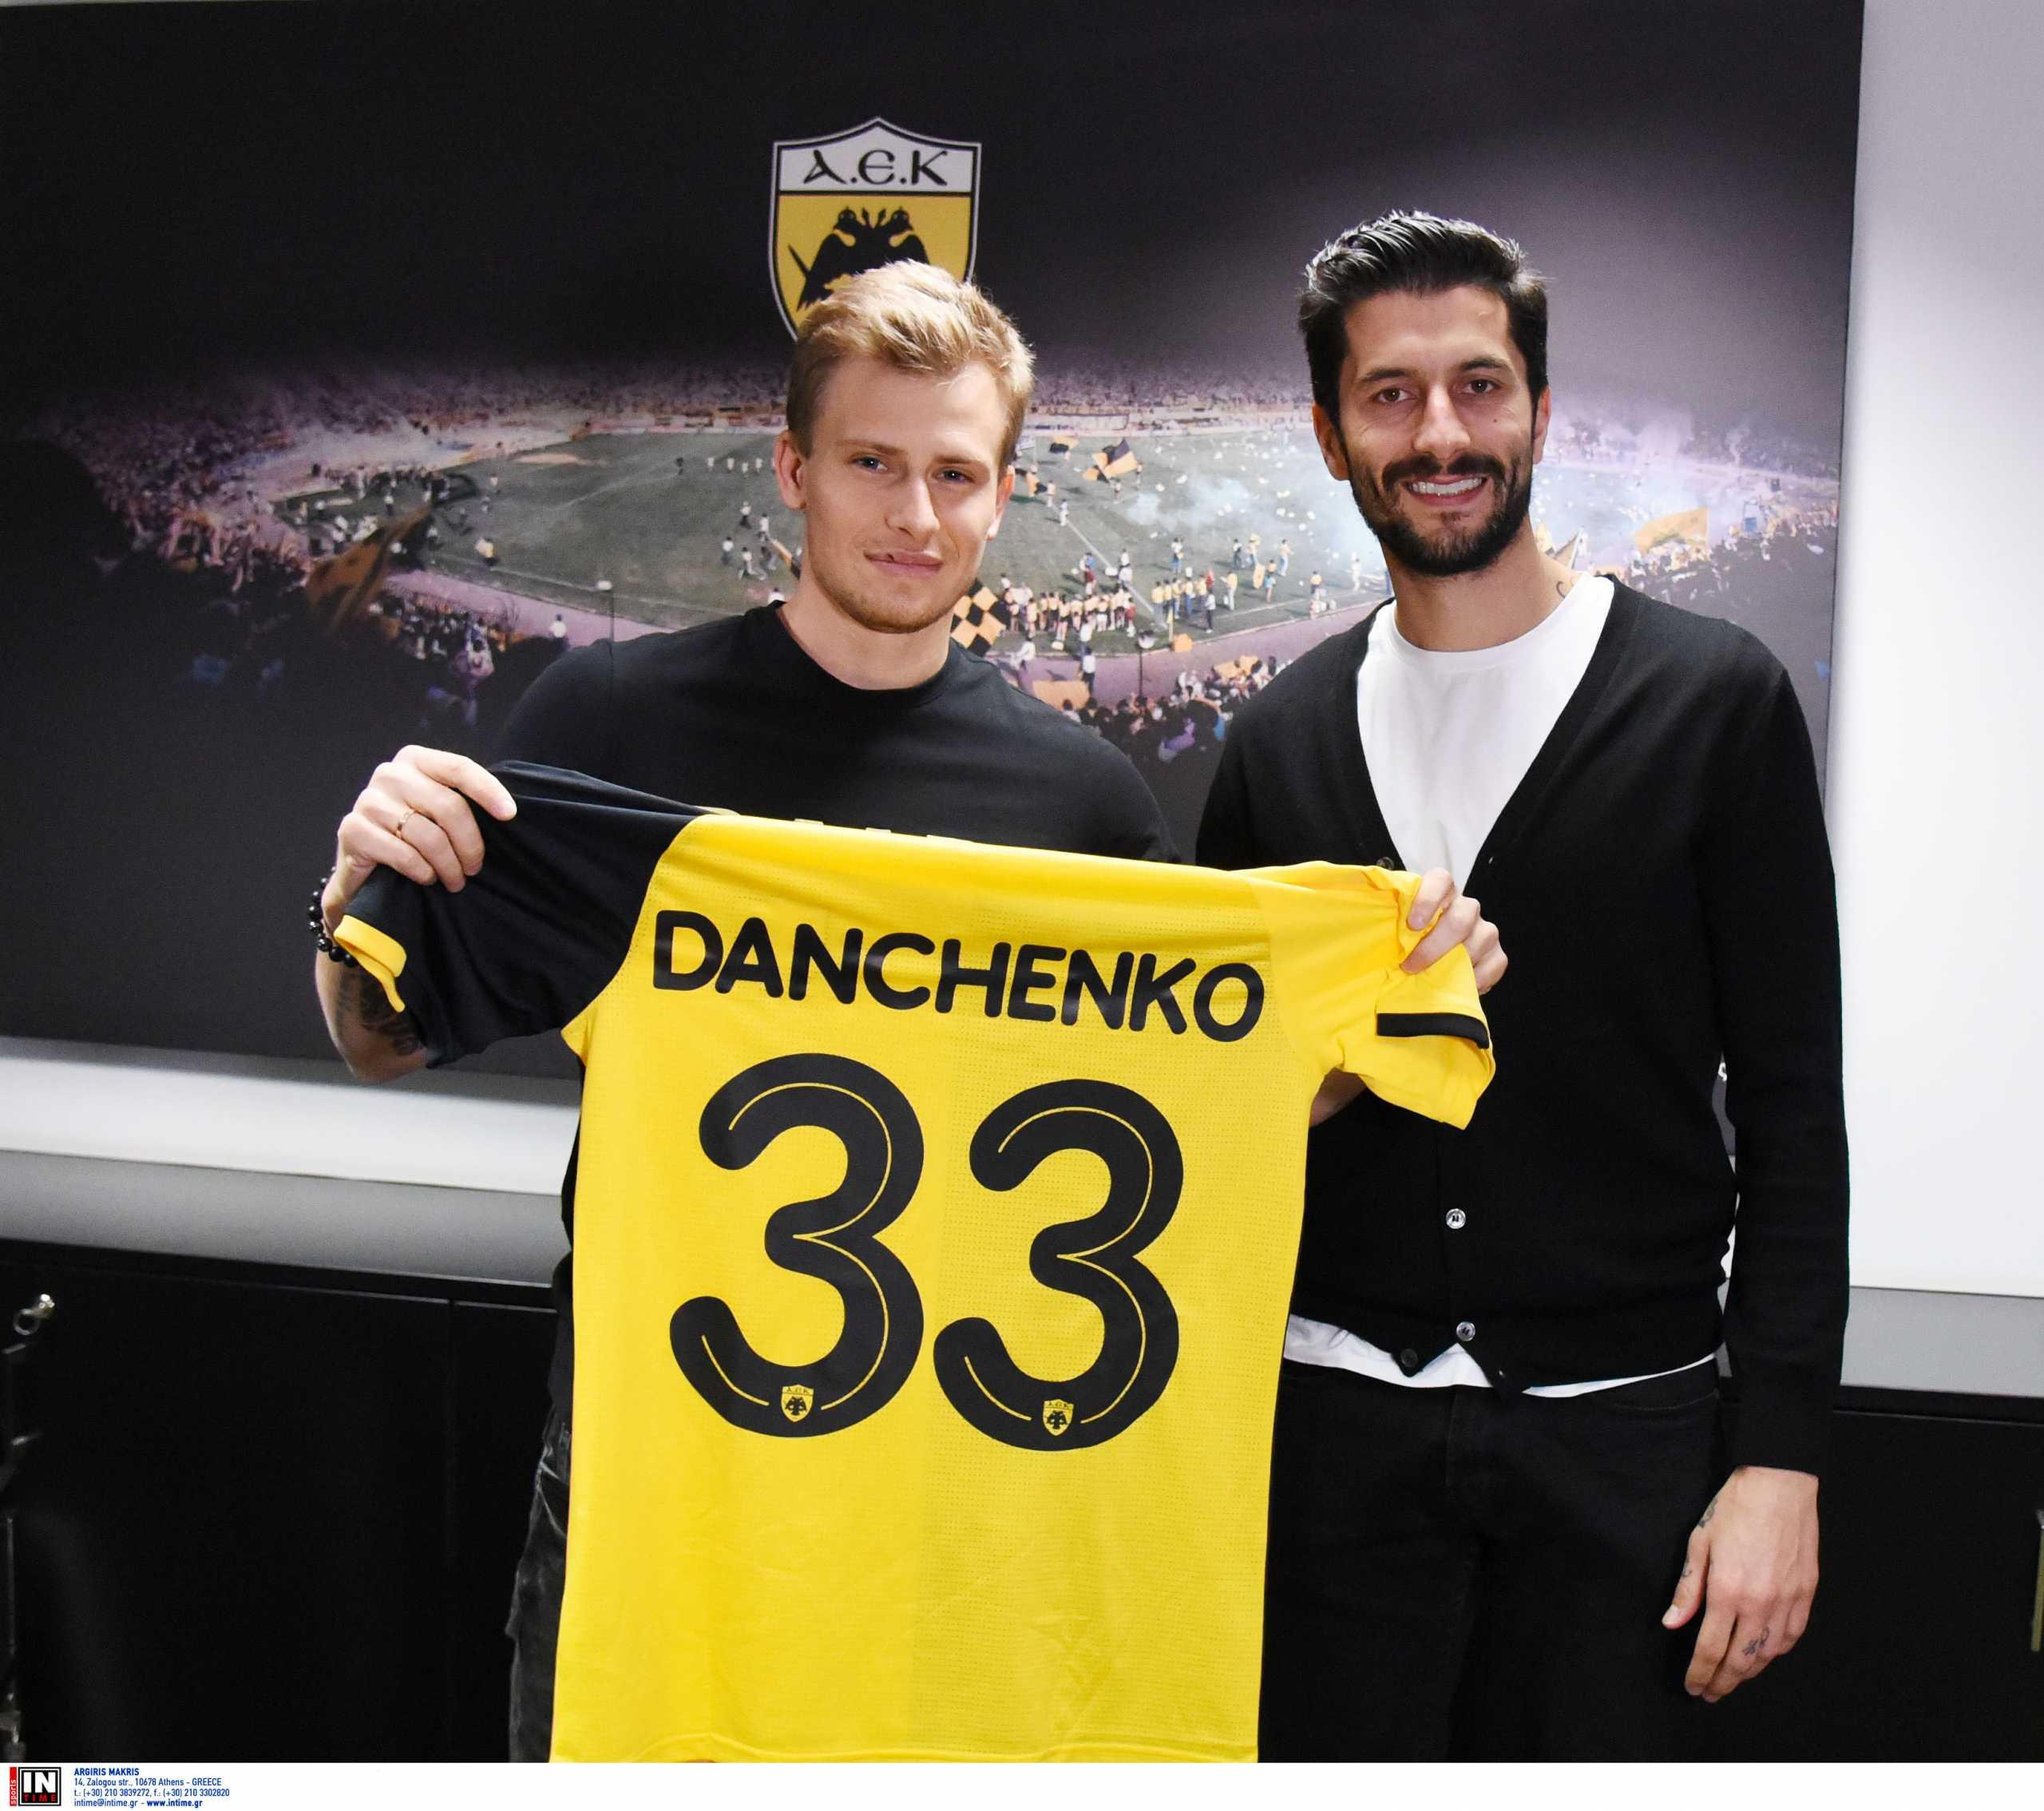 Νταντσένκο: «Όνειρο που πραγματοποιήθηκε το να έρθω στην ΑΕΚ»